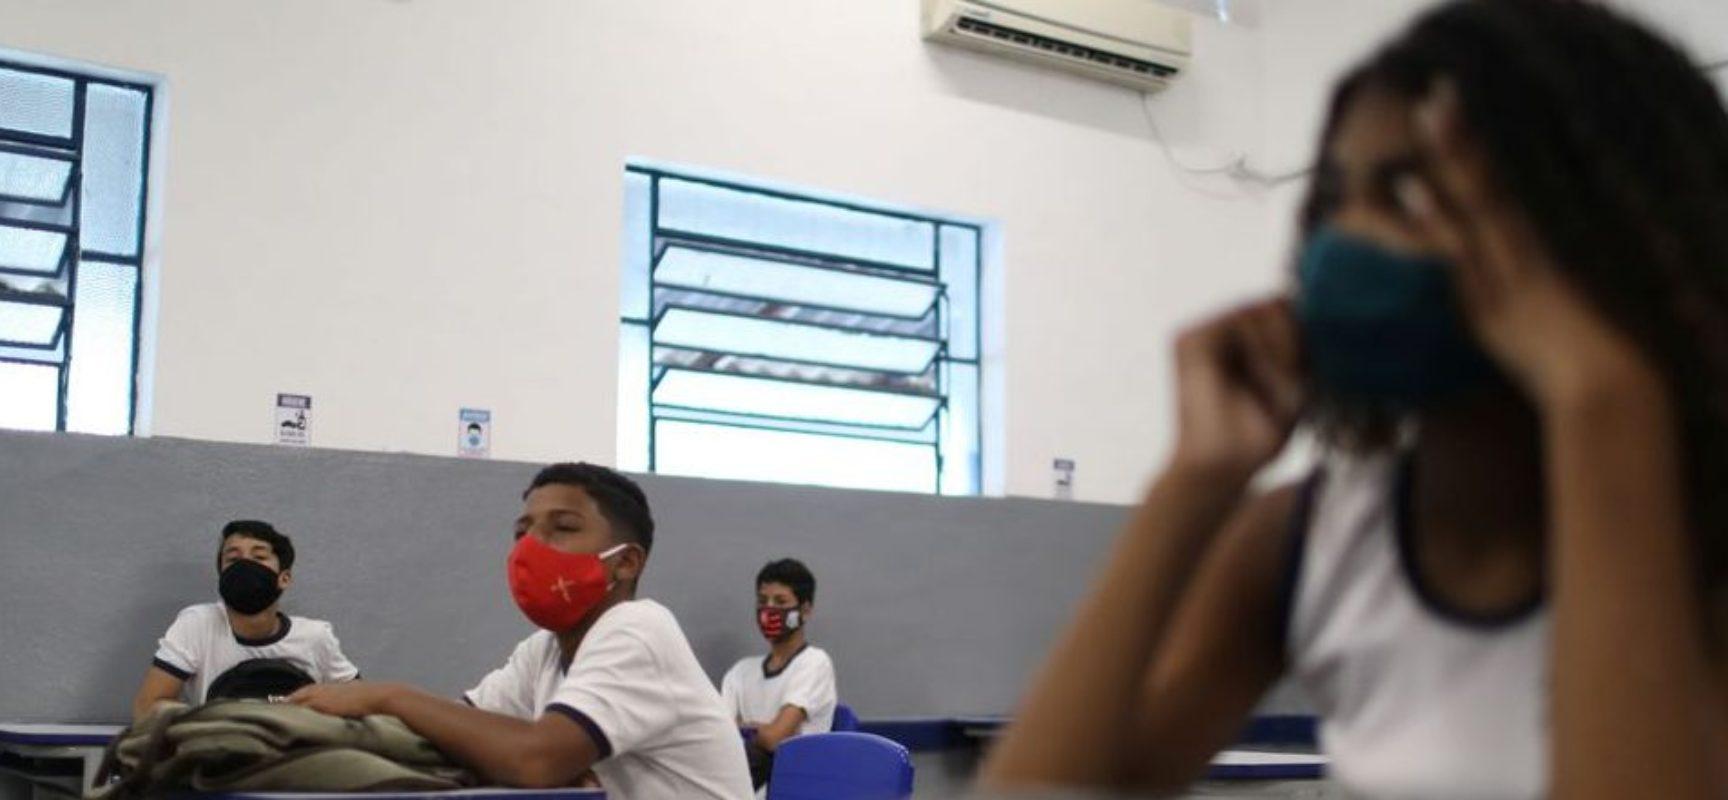 EDUCAÇÃO: Volta às aulas presenciais exige motivação dos estudantes